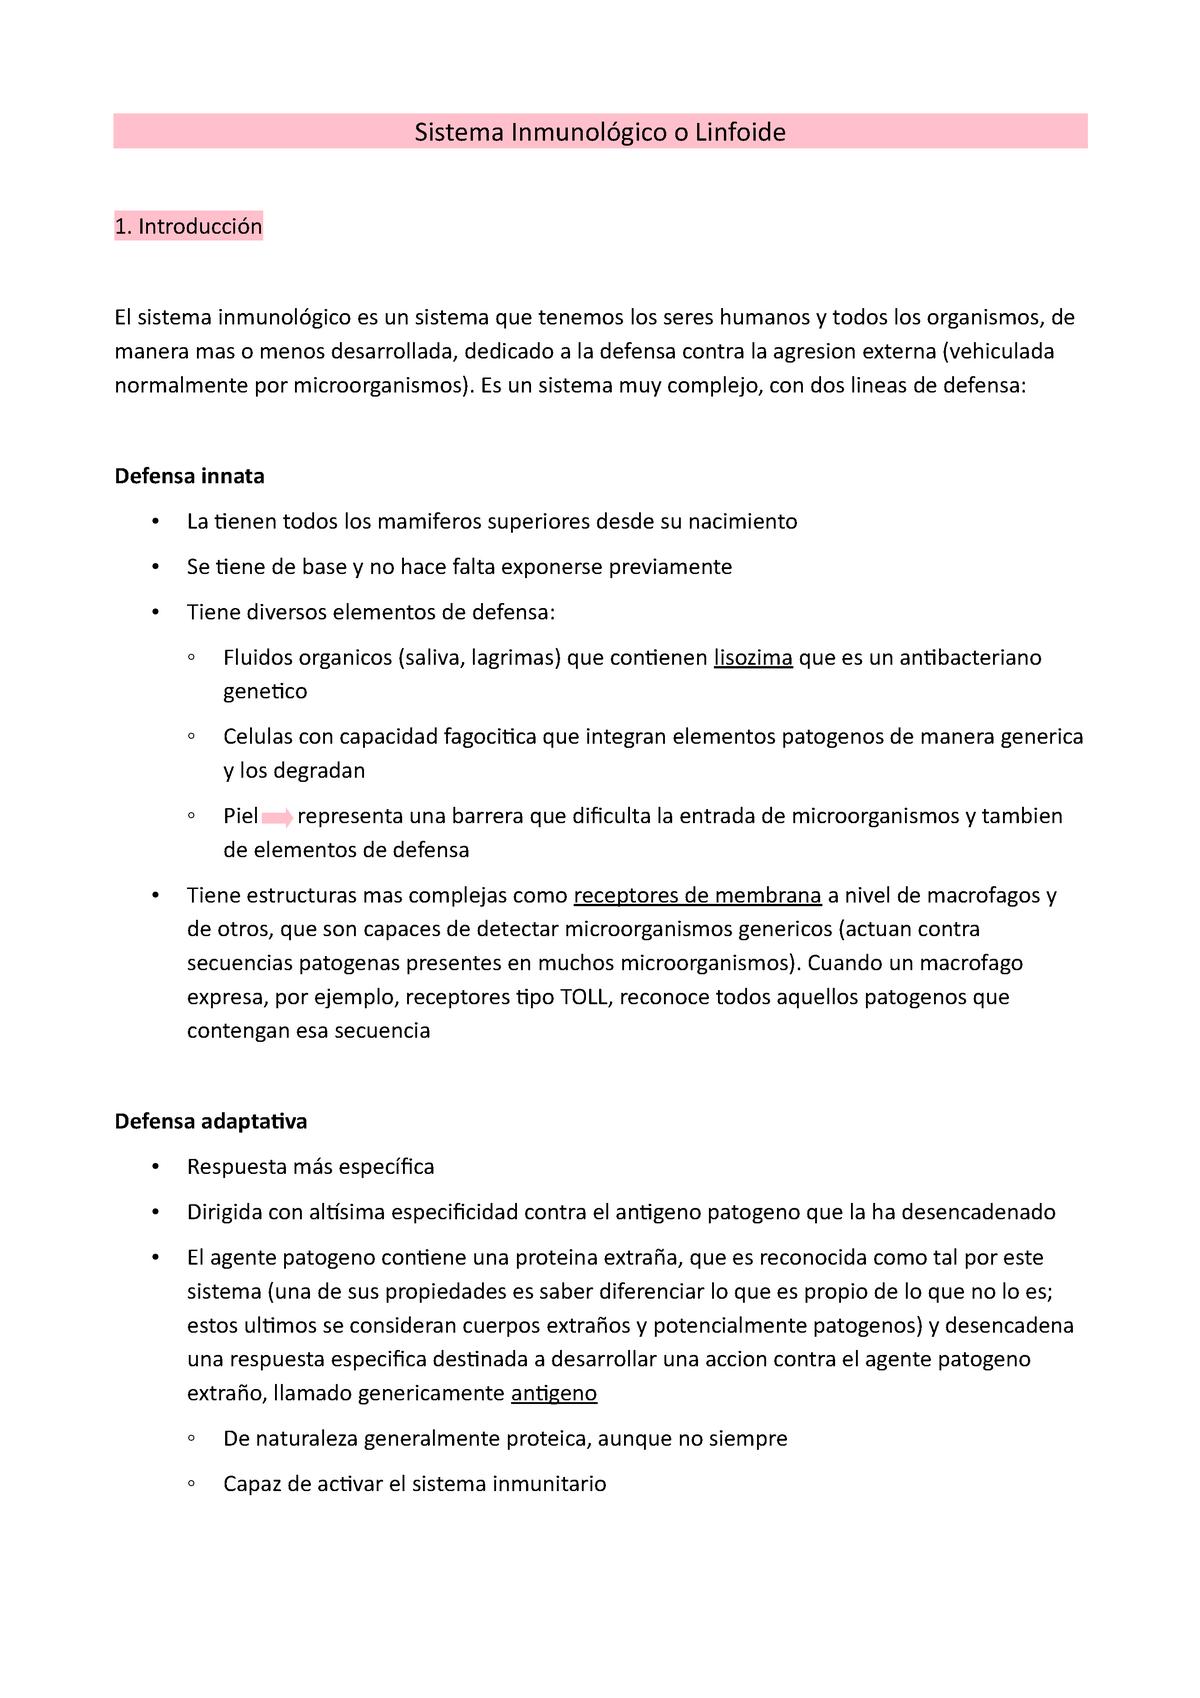 Sistema Inmunitario Anatomía Microscópica Udl Studocu